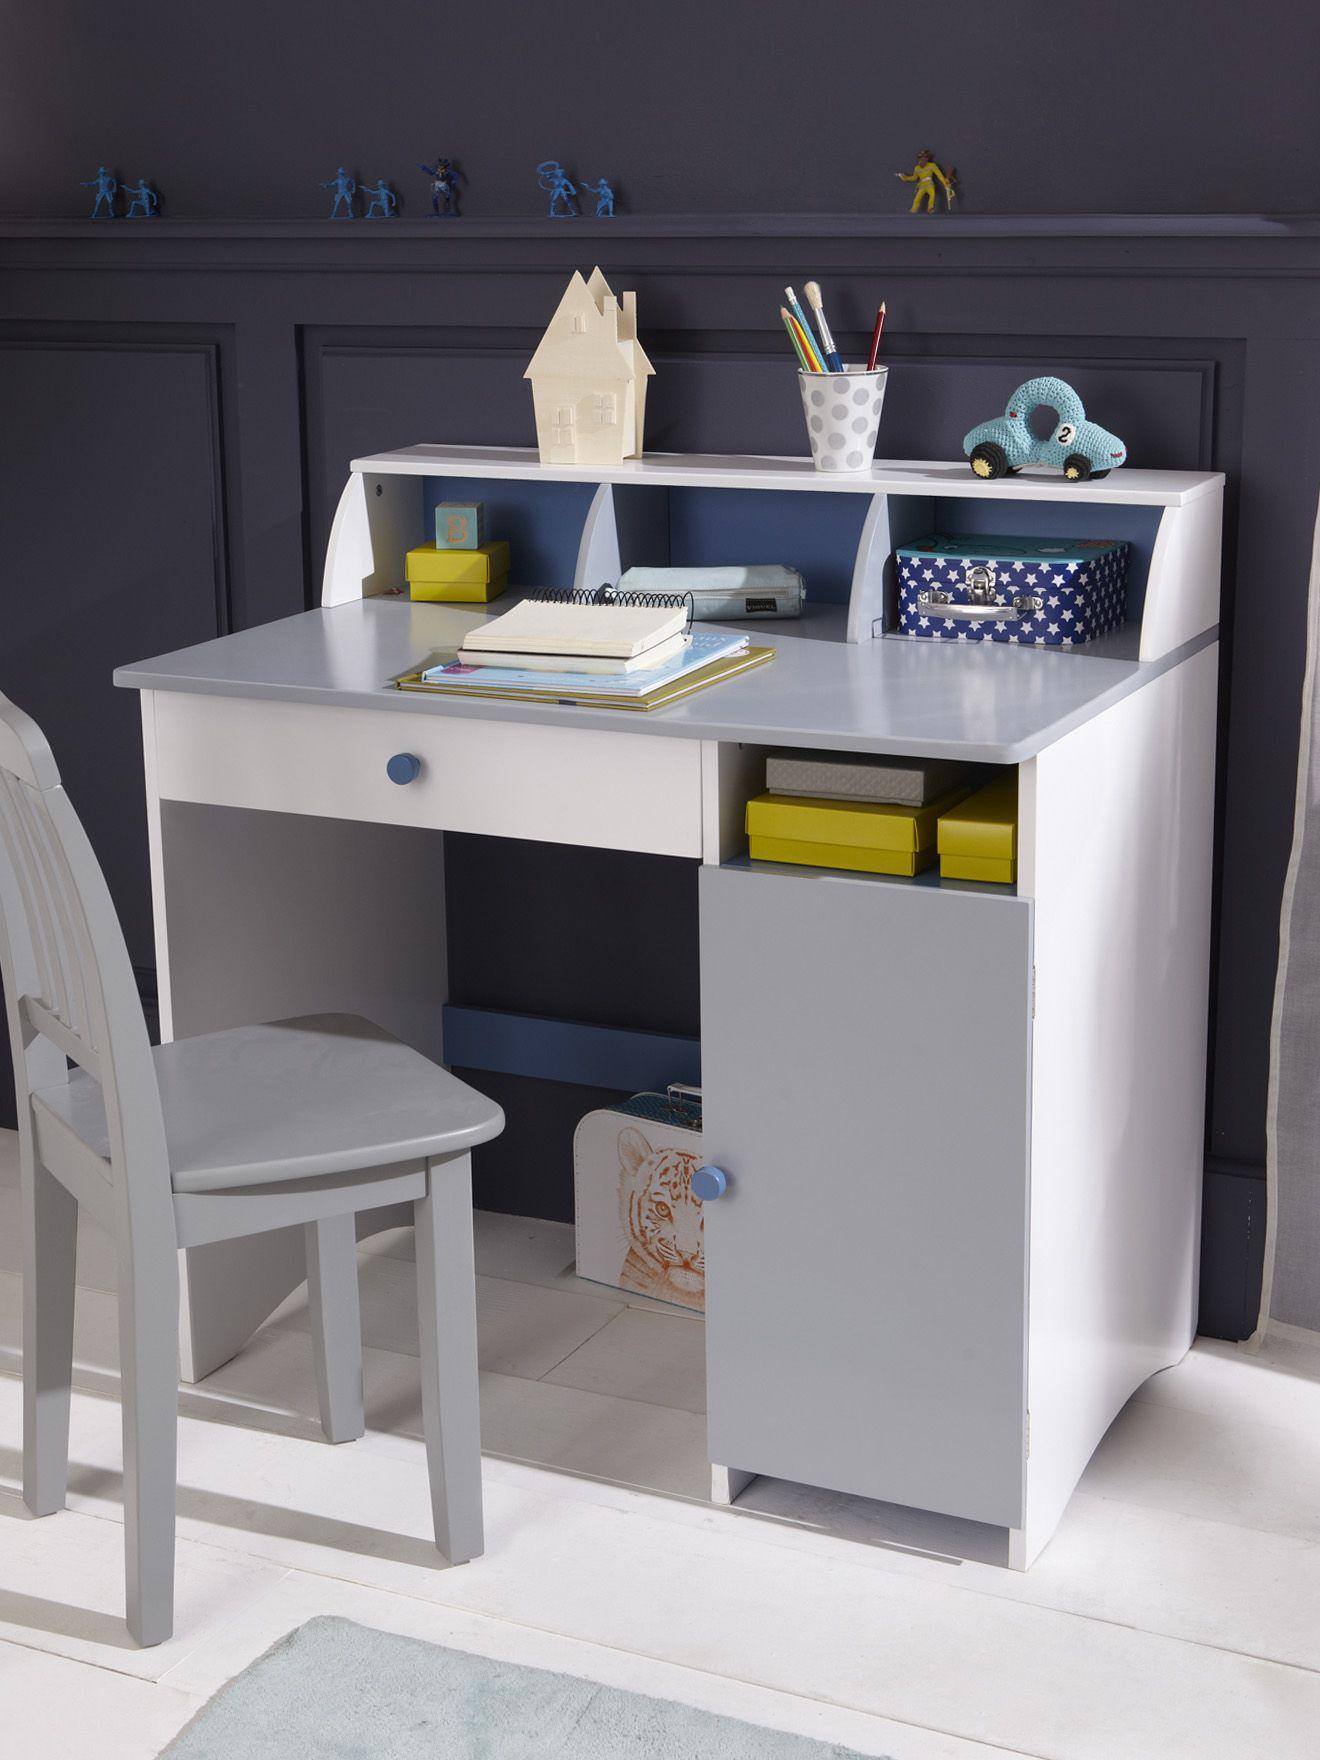 grand bureau tricolore enfant collection printemps t 2014 kids. Black Bedroom Furniture Sets. Home Design Ideas